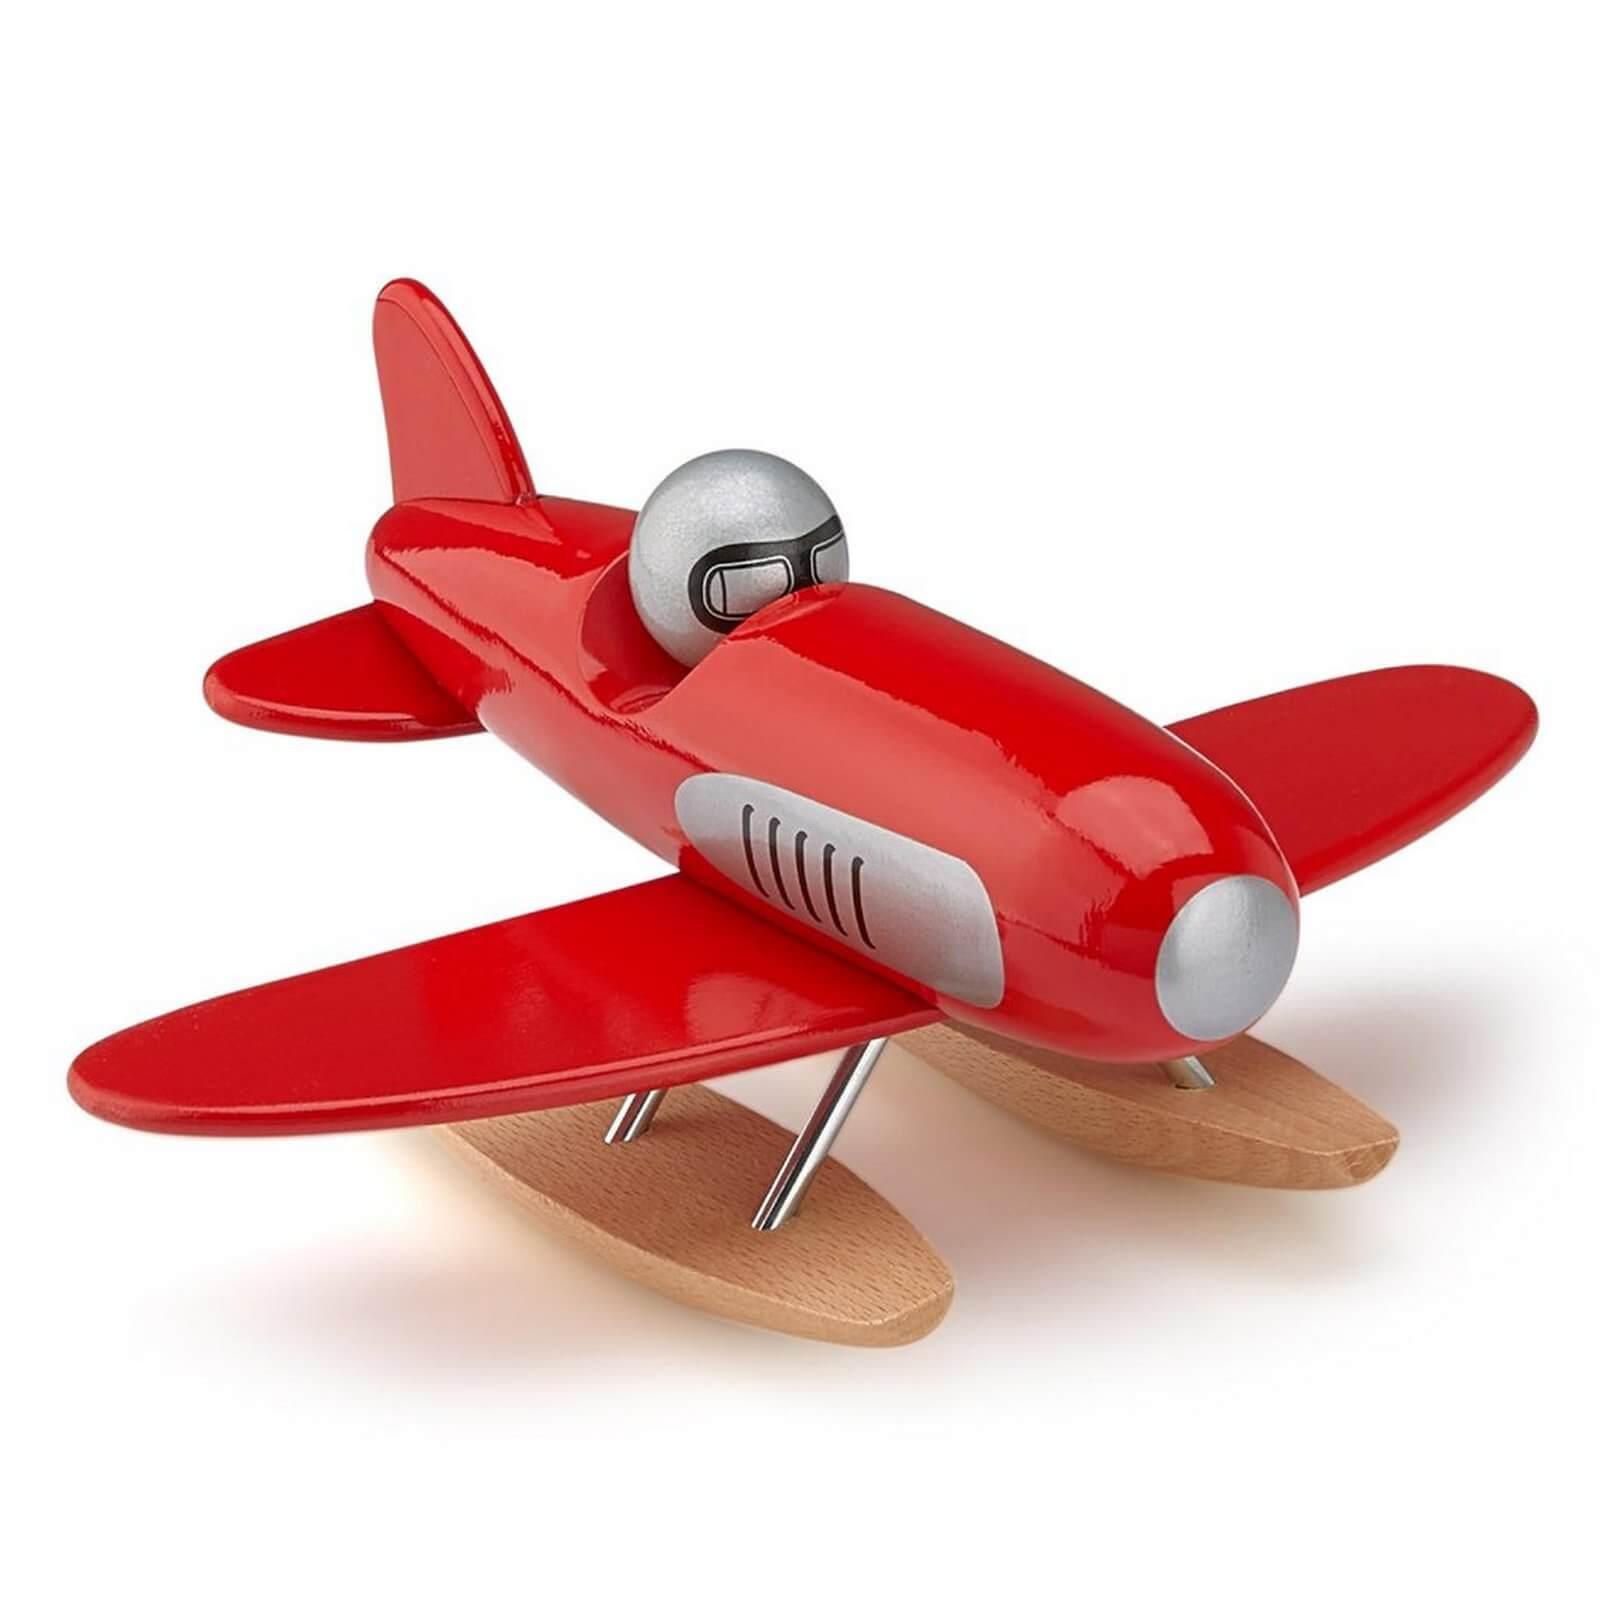 Vilac Red Wooden Seaplane - Jadrem Toys